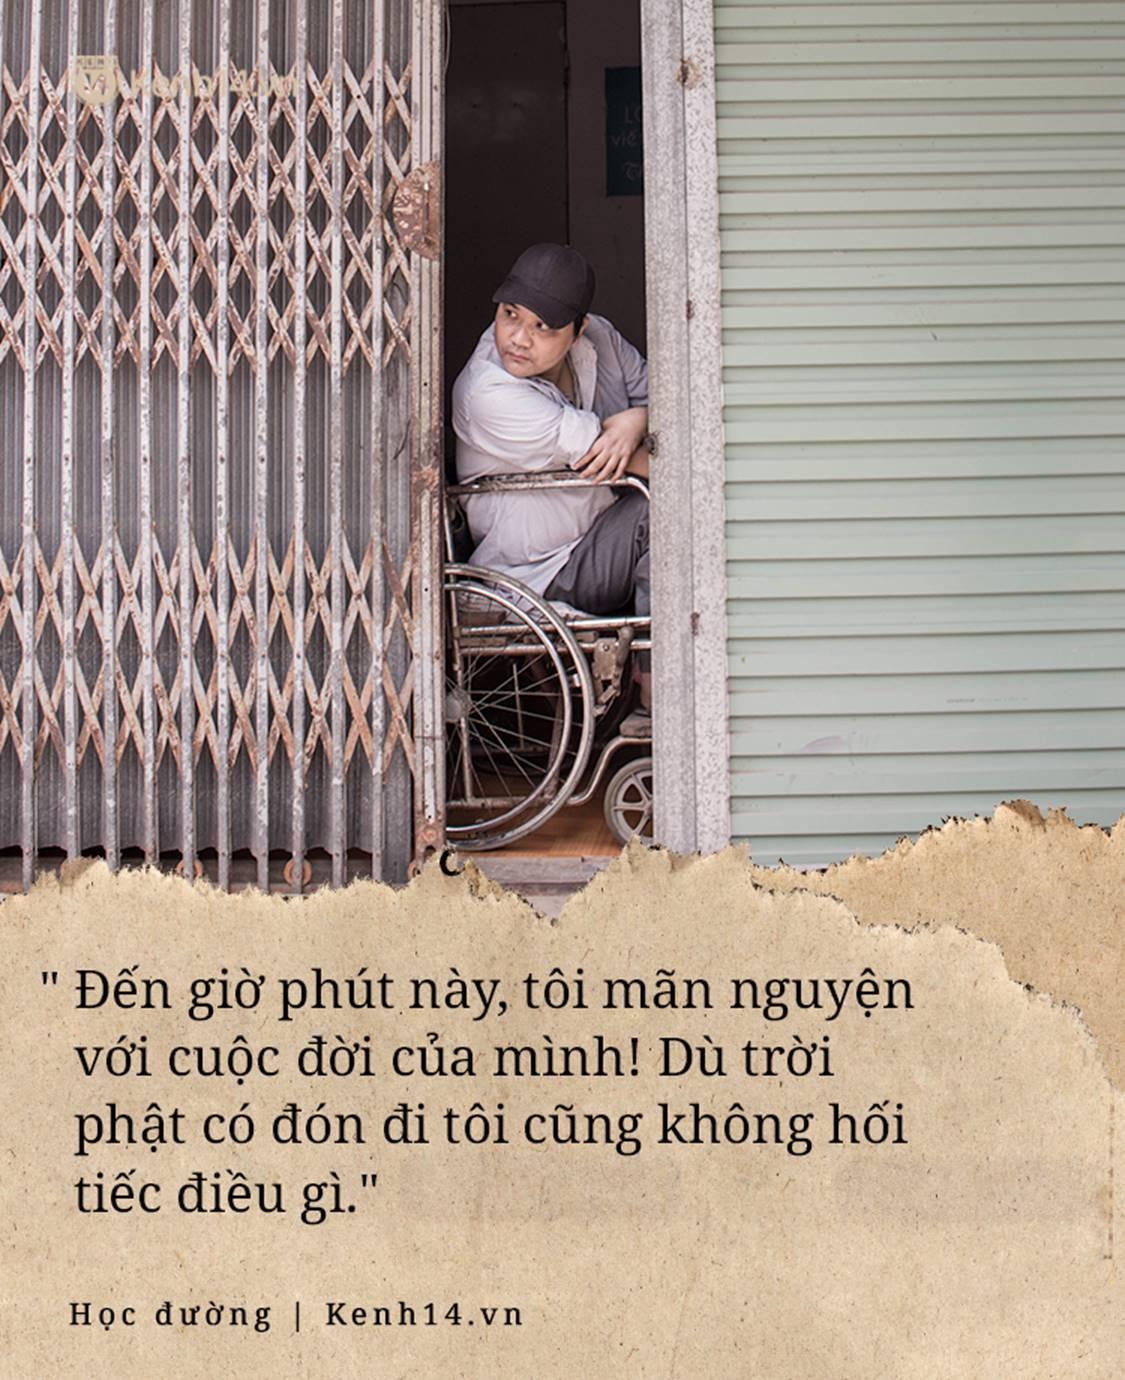 Chuyện về người thầy liệt tay chân, viết chữ bằng miệng vẫn dạy học cho trẻ em nghèo: Tôi không đi chữa bệnh vì có xu nào dành hết cho con ăn học-13